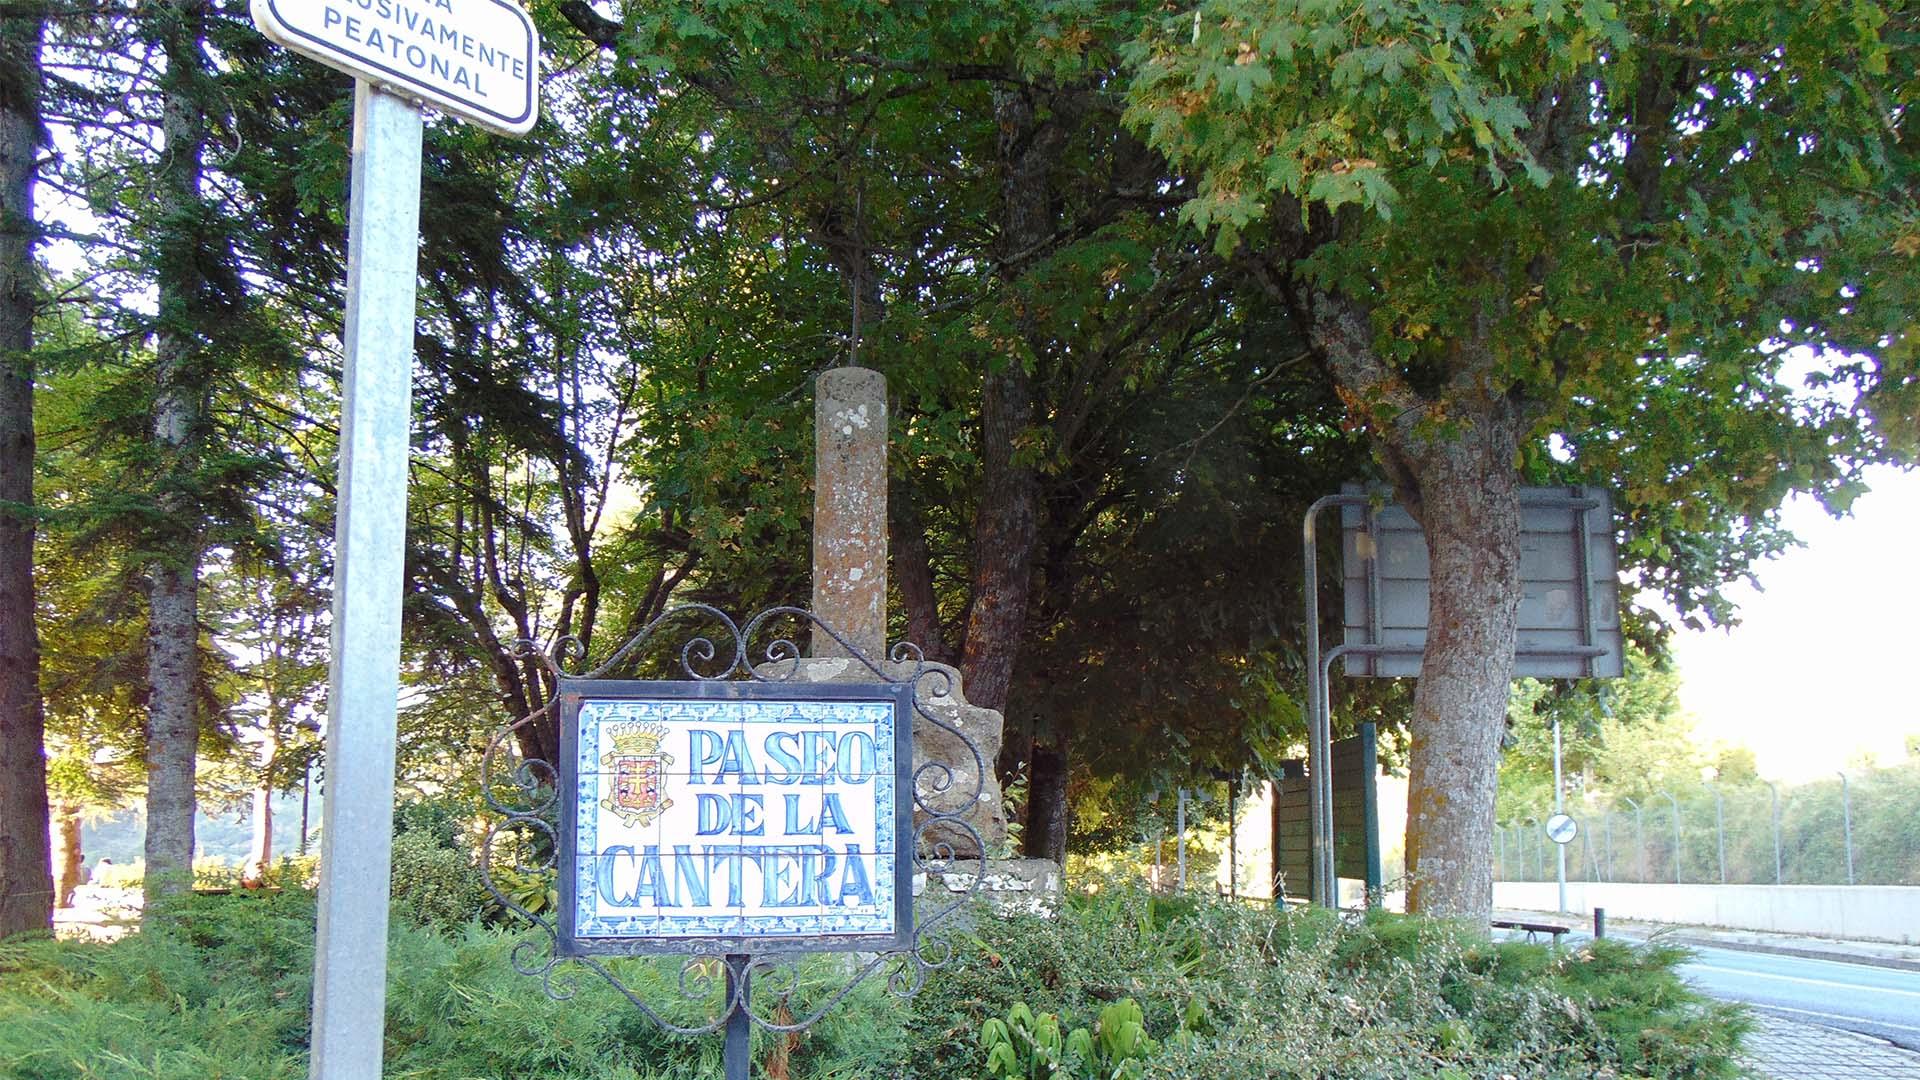 Paseo de la cantera de Jaca